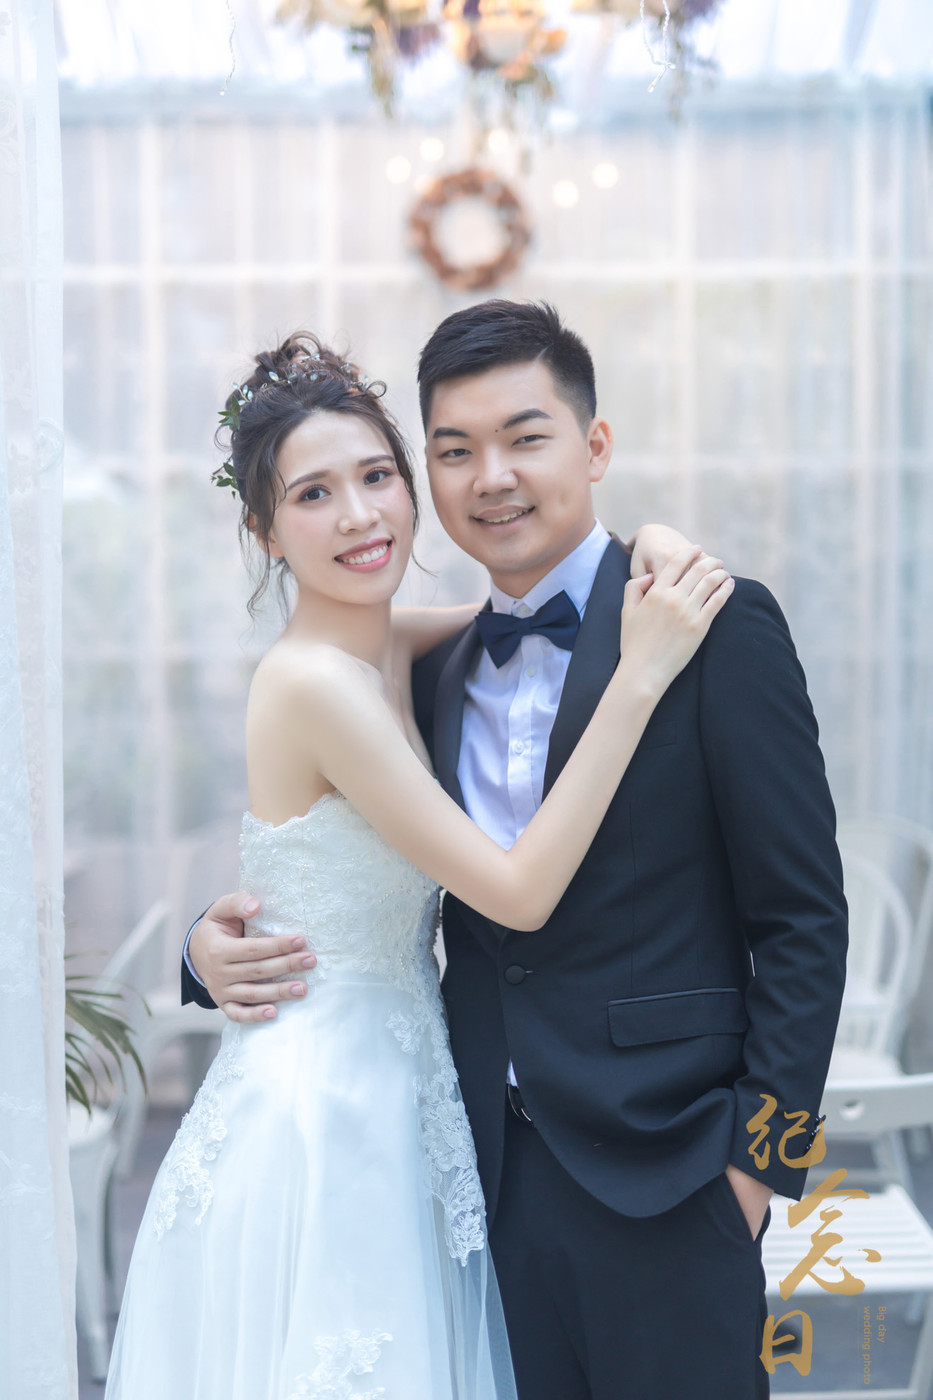 婚纱 | 嘉颖&靖怡32